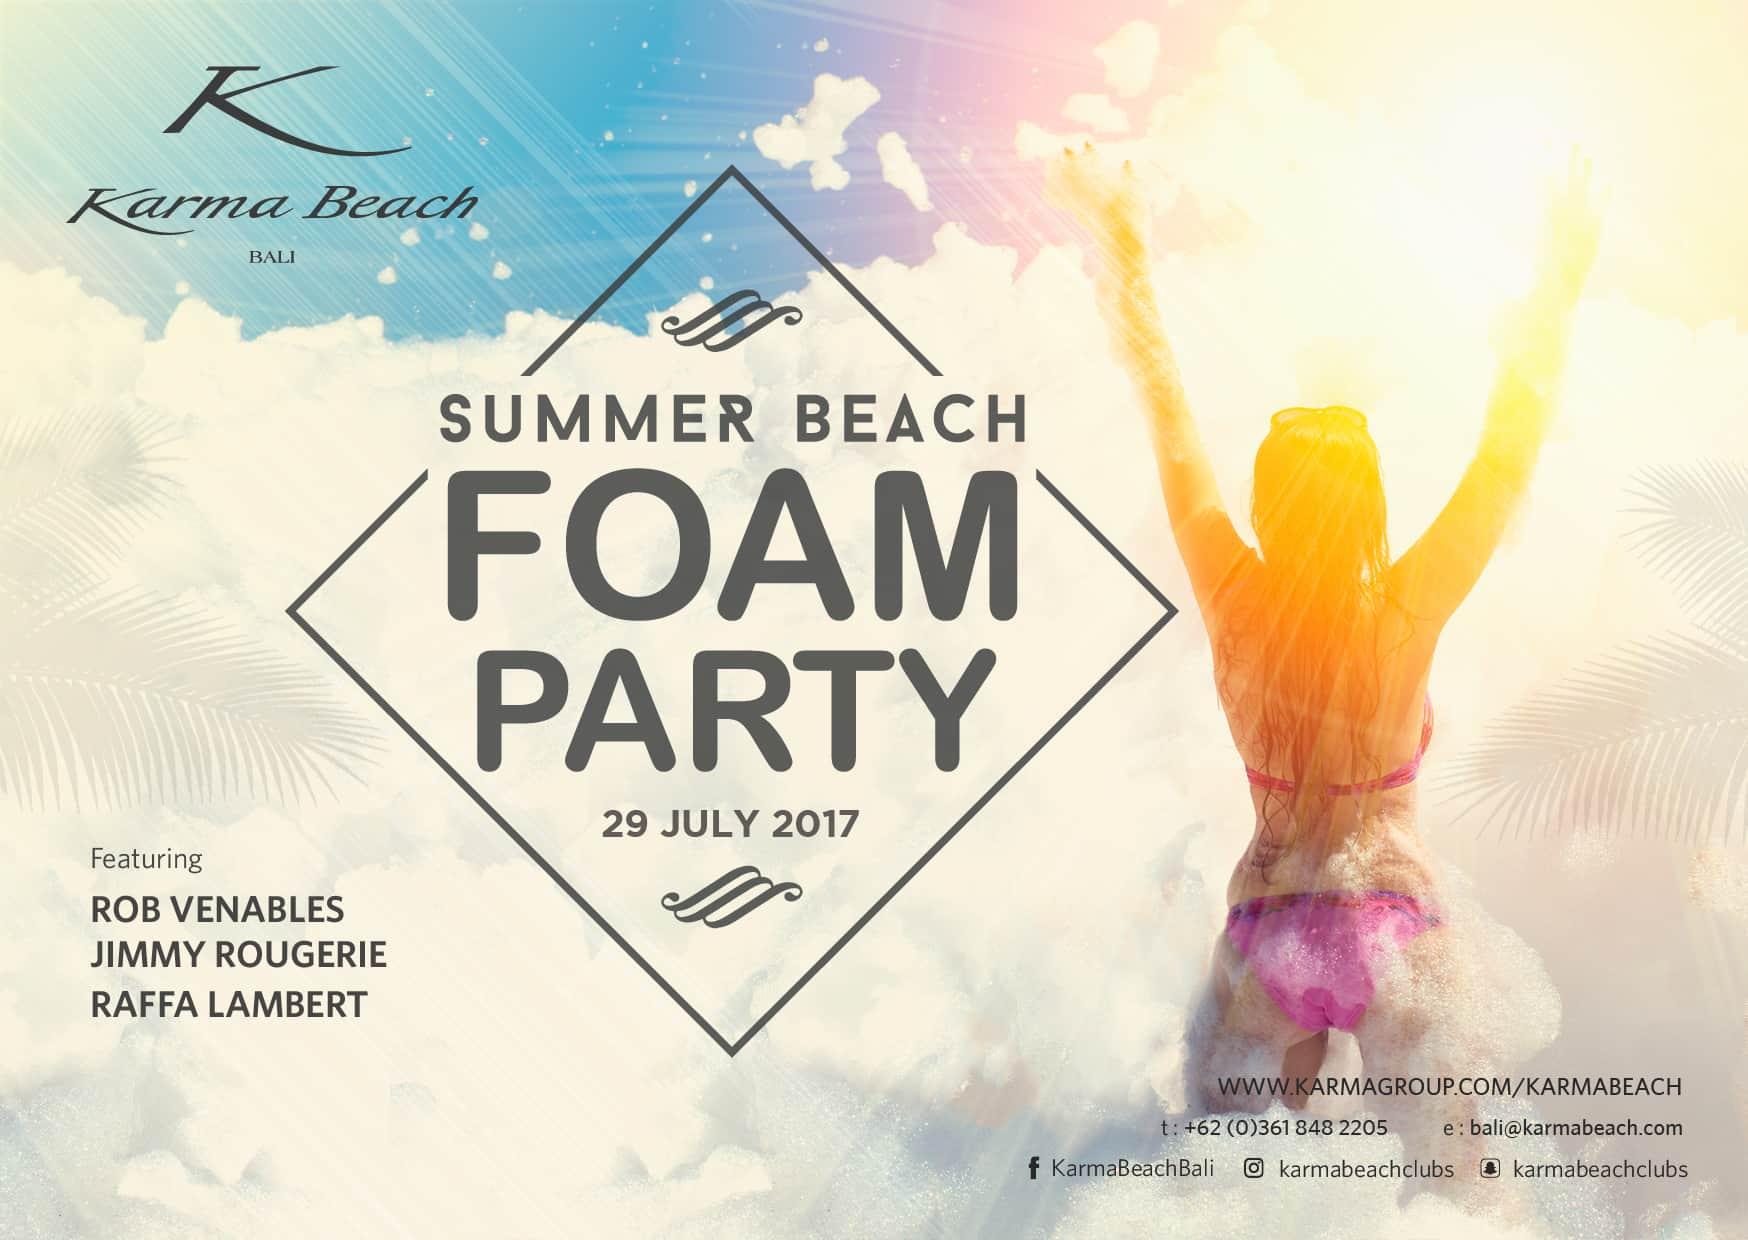 SUMMER BEACH FOAM PARTY